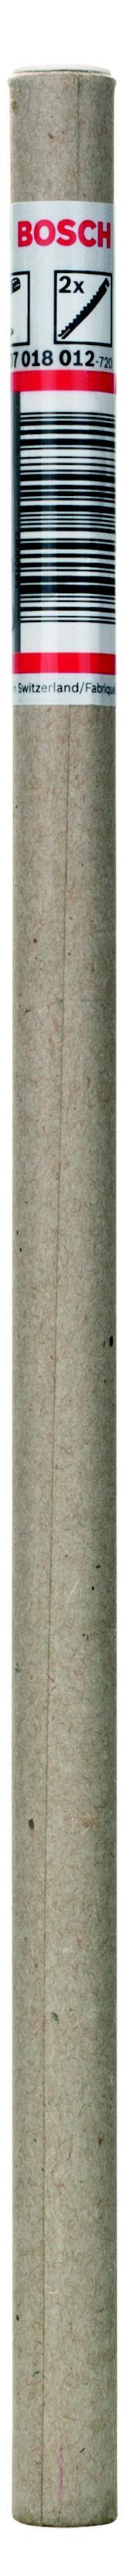 Полотно для сабельной пилы Bosch 300 мм, для gsg 300 (2.607.018.012) полотно для сабельной пилы bosch 300 мм для gsg 300 2 607 018 012